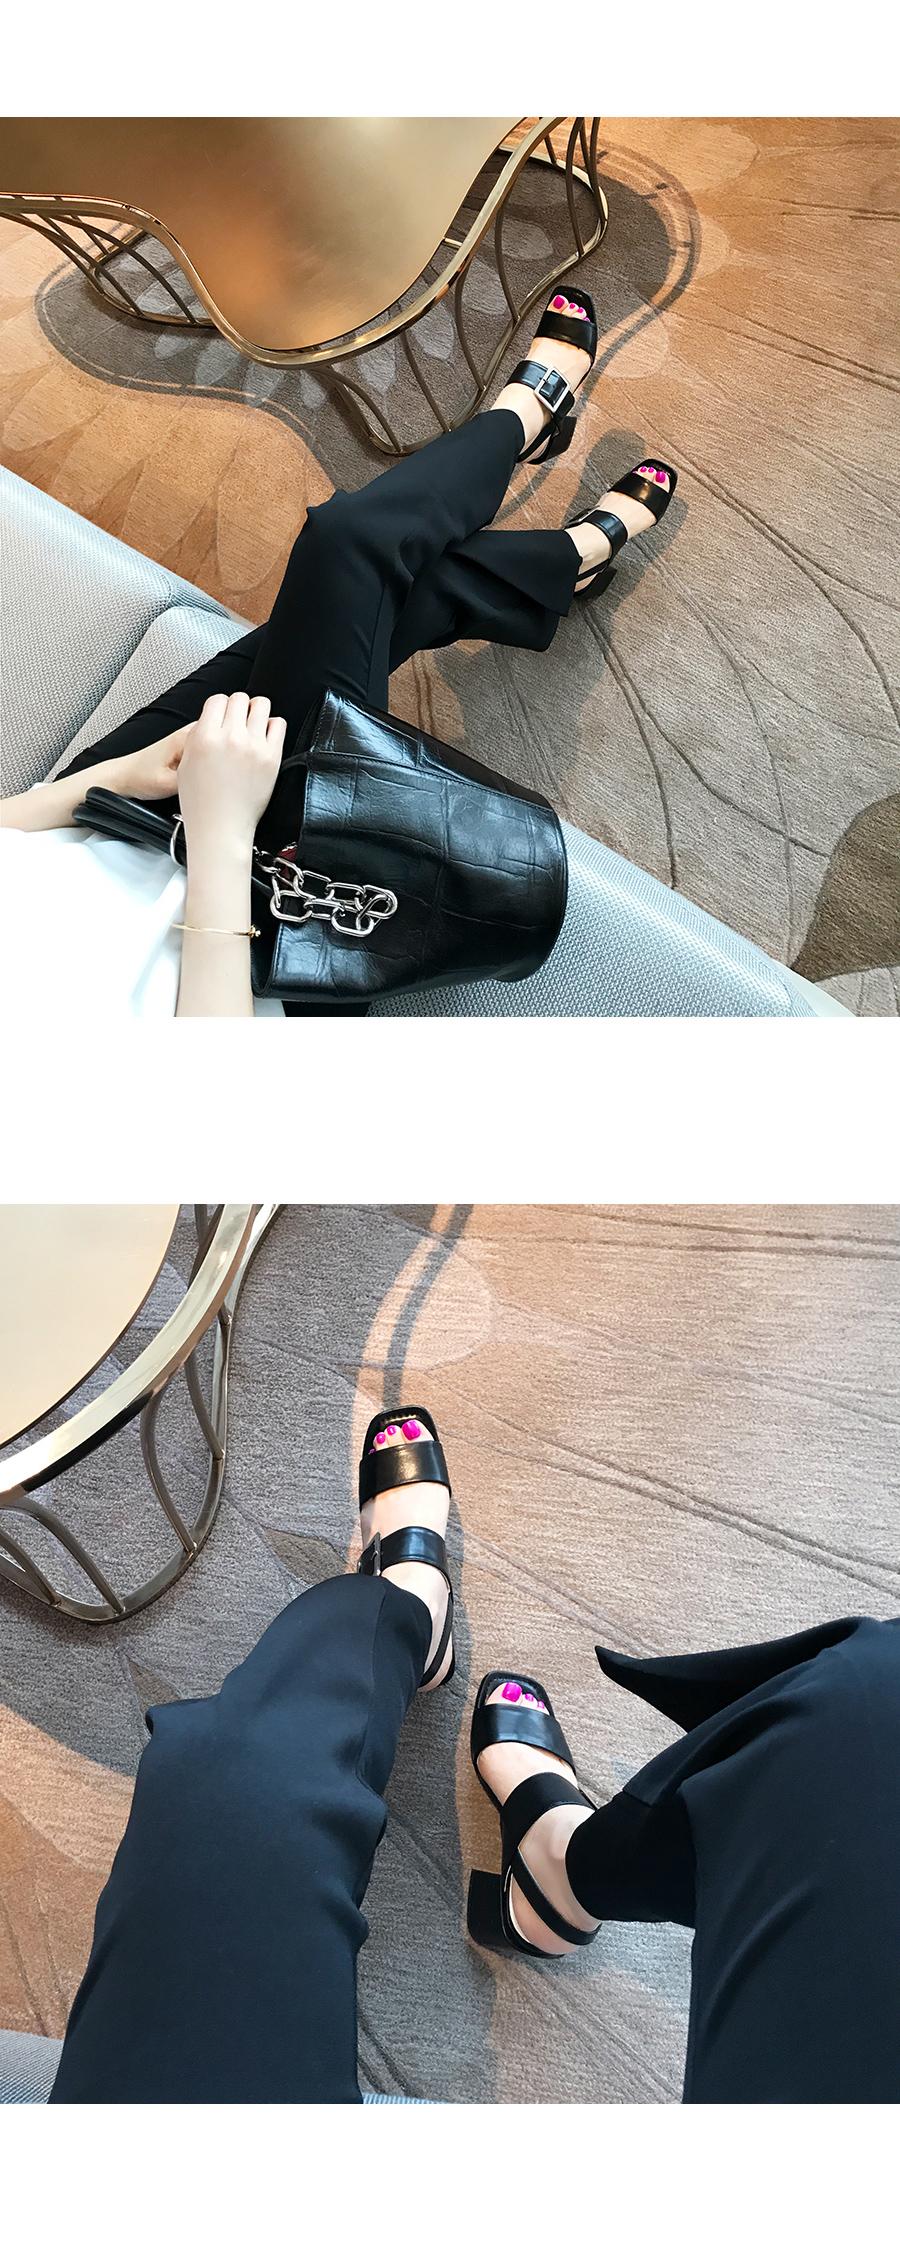 Karin 7cm